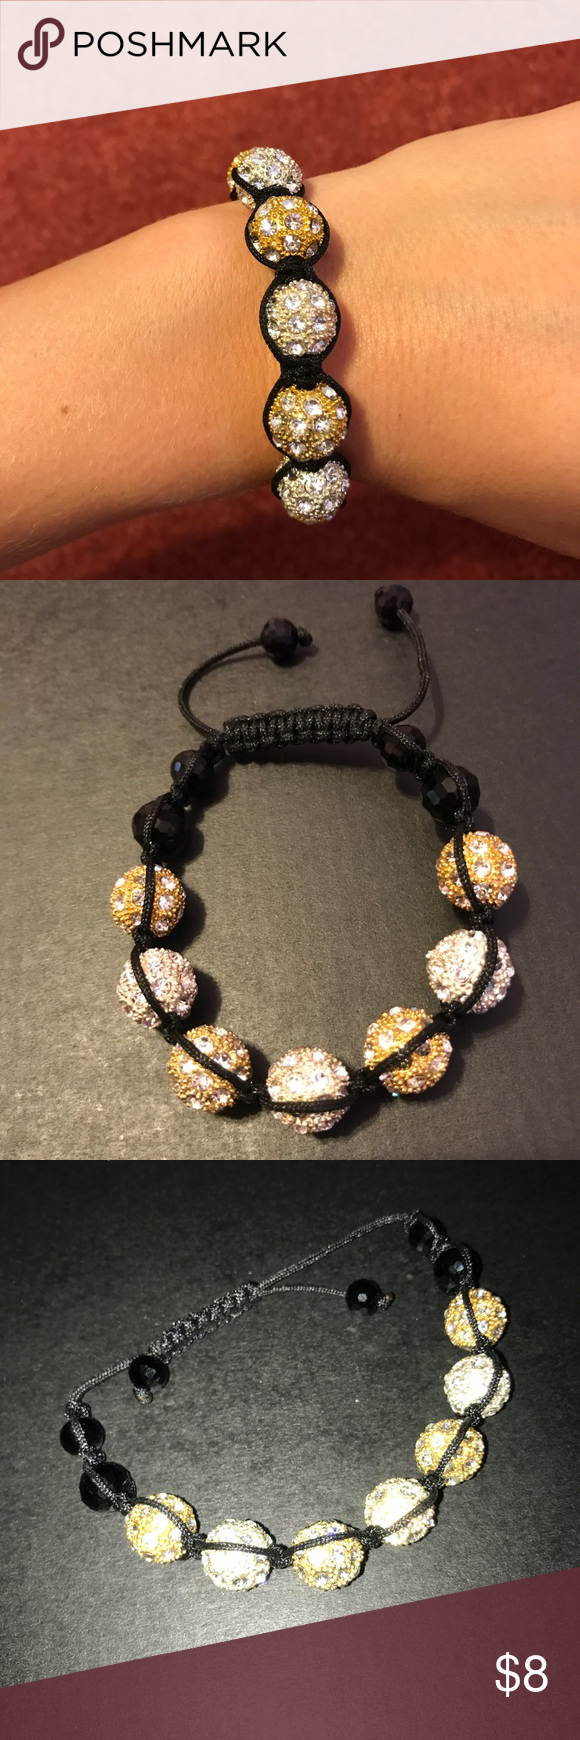 Adjustable bracelet bracelets jewelry bracelets and customer support